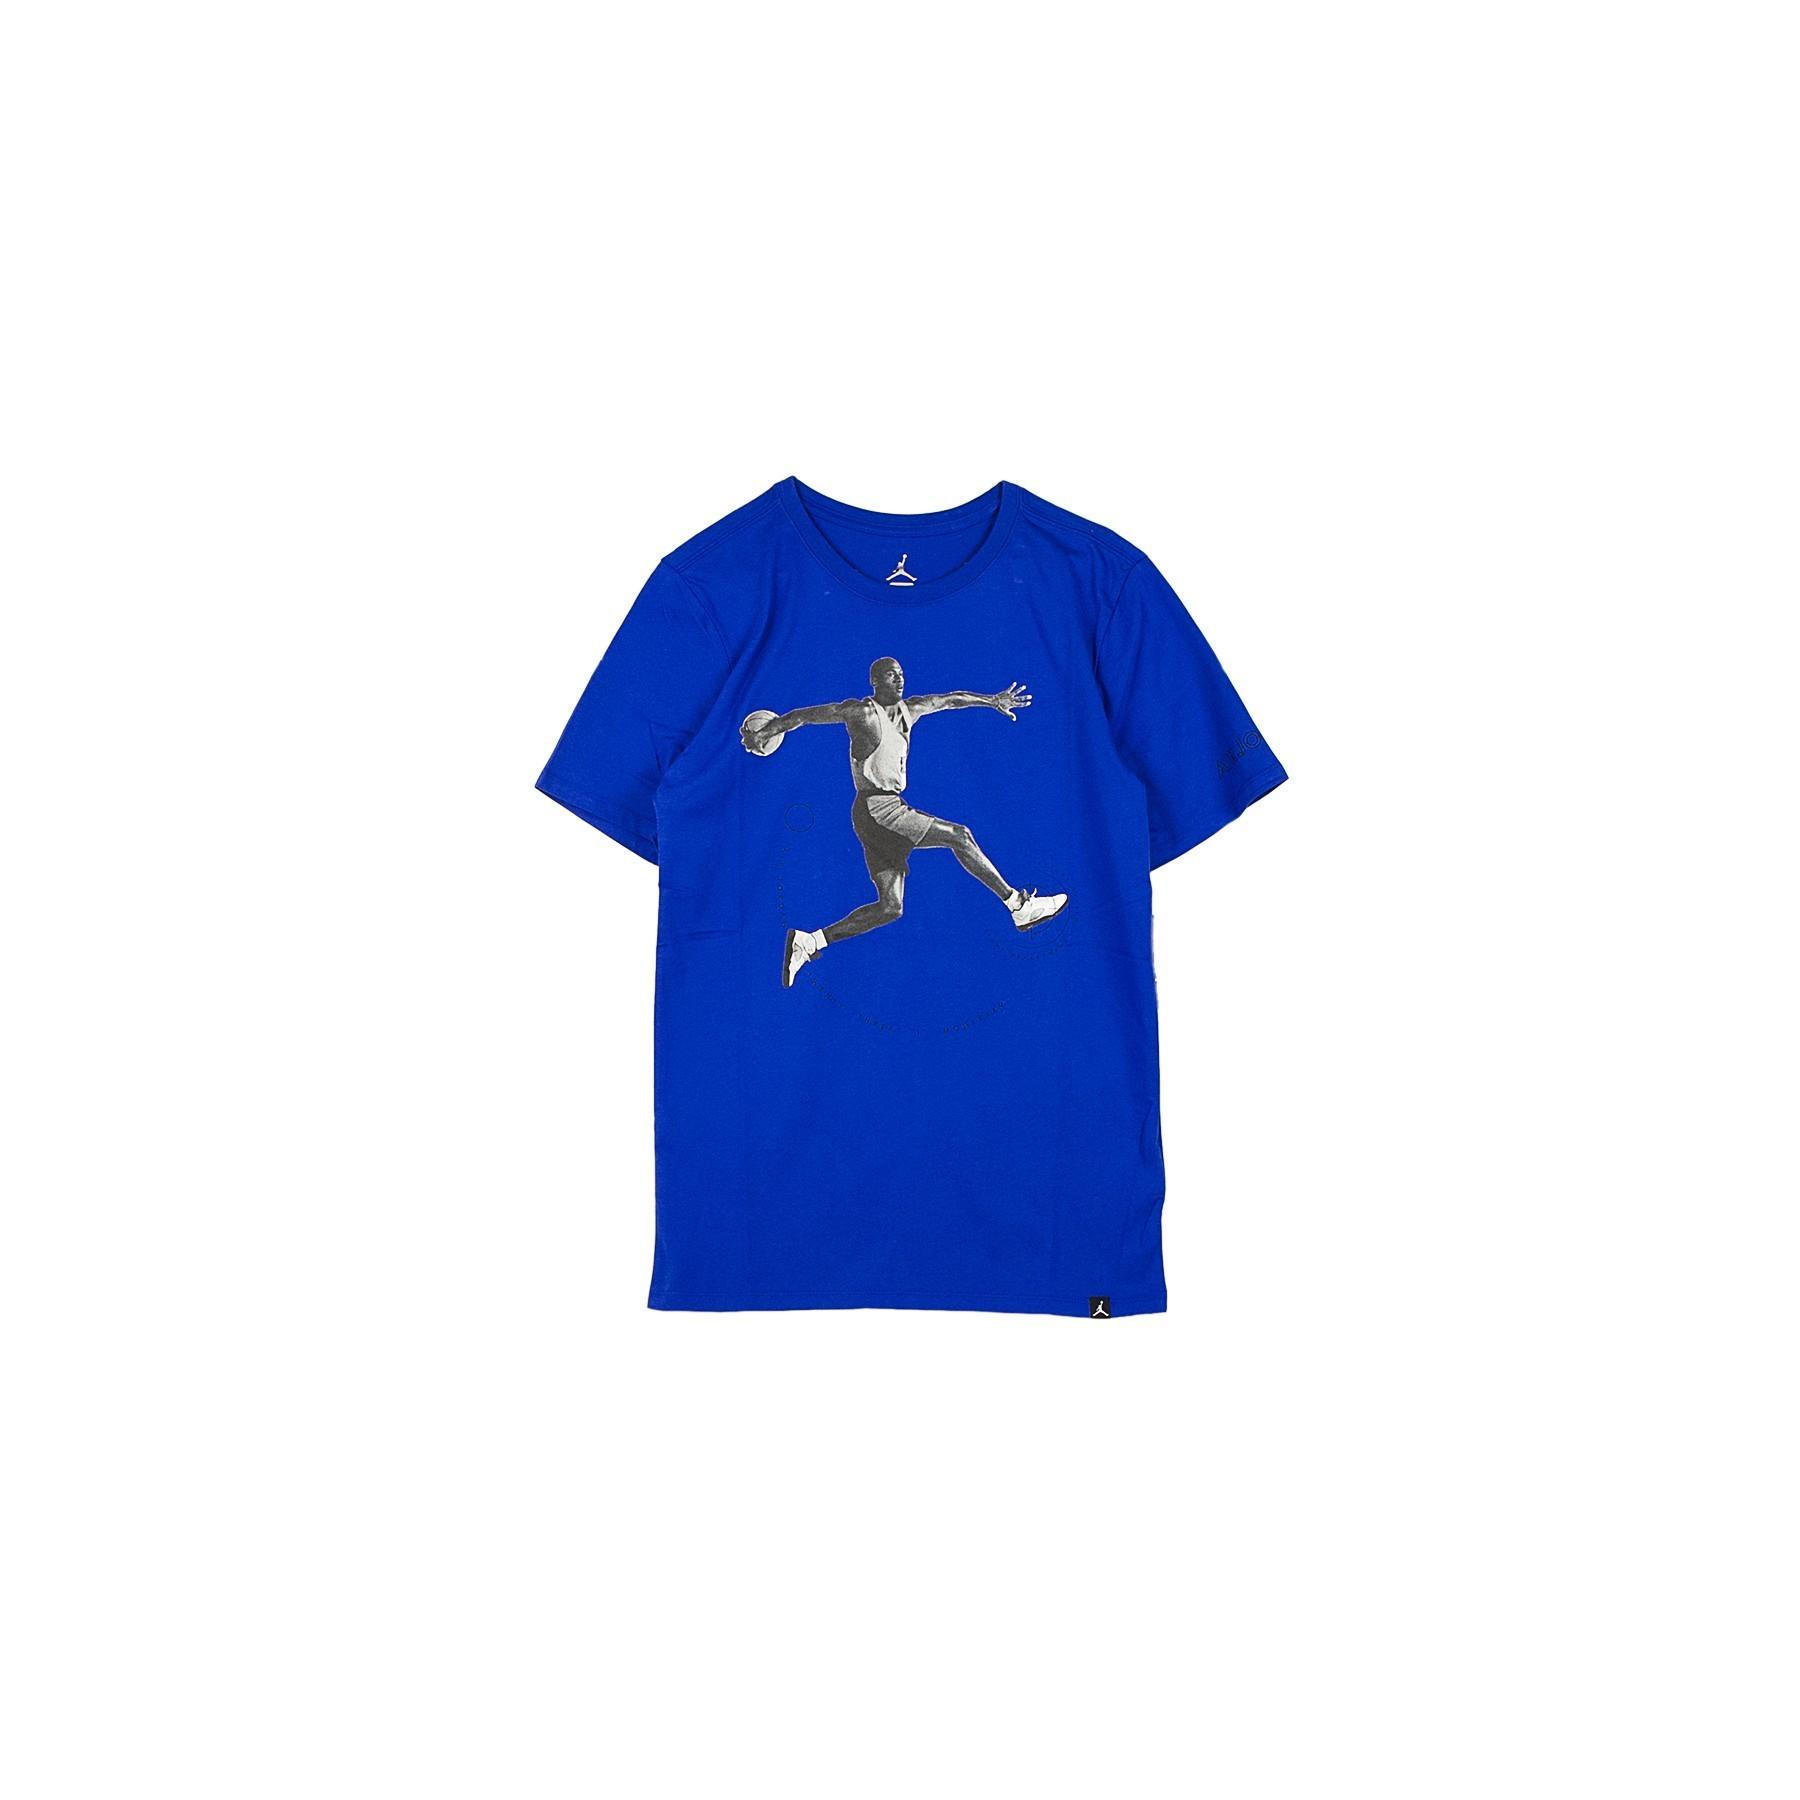 5354f05a98aaa0 MAGLIETTA AIR JORDAN 5 T-SHIRT BLUE